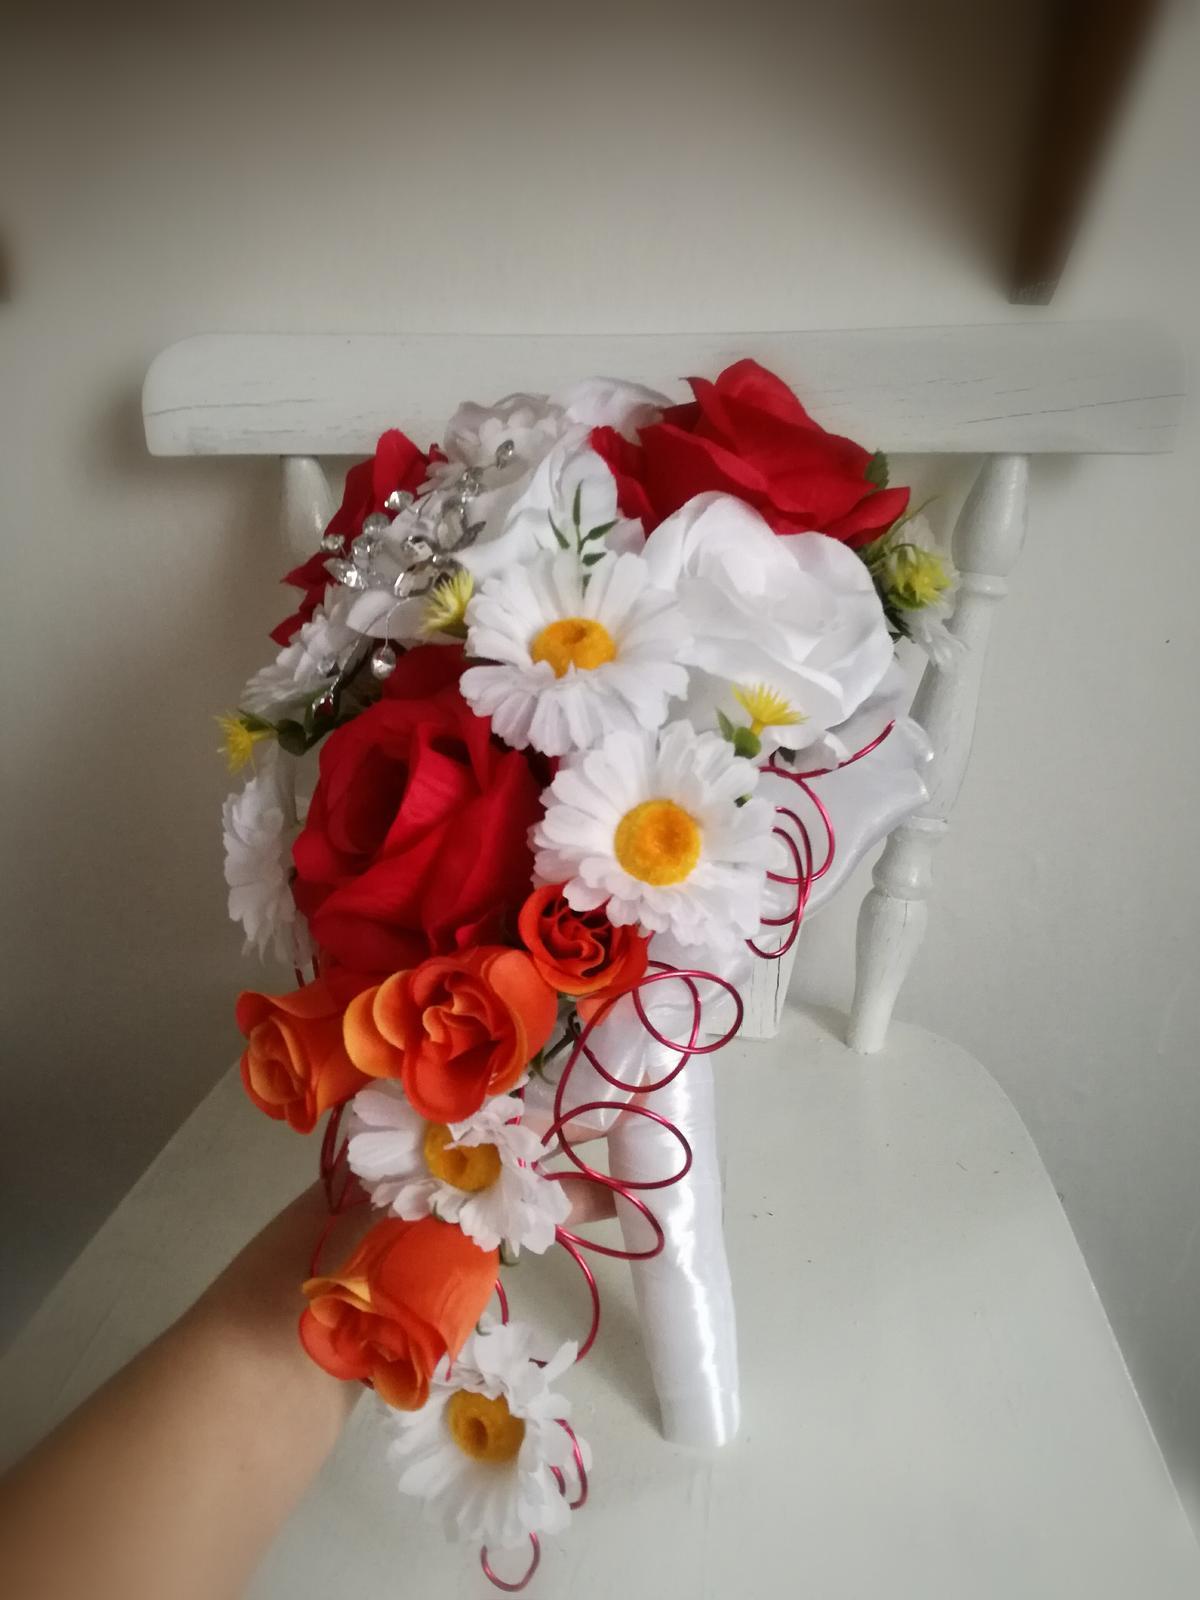 Z umelých kvetov - Obrázok č. 8